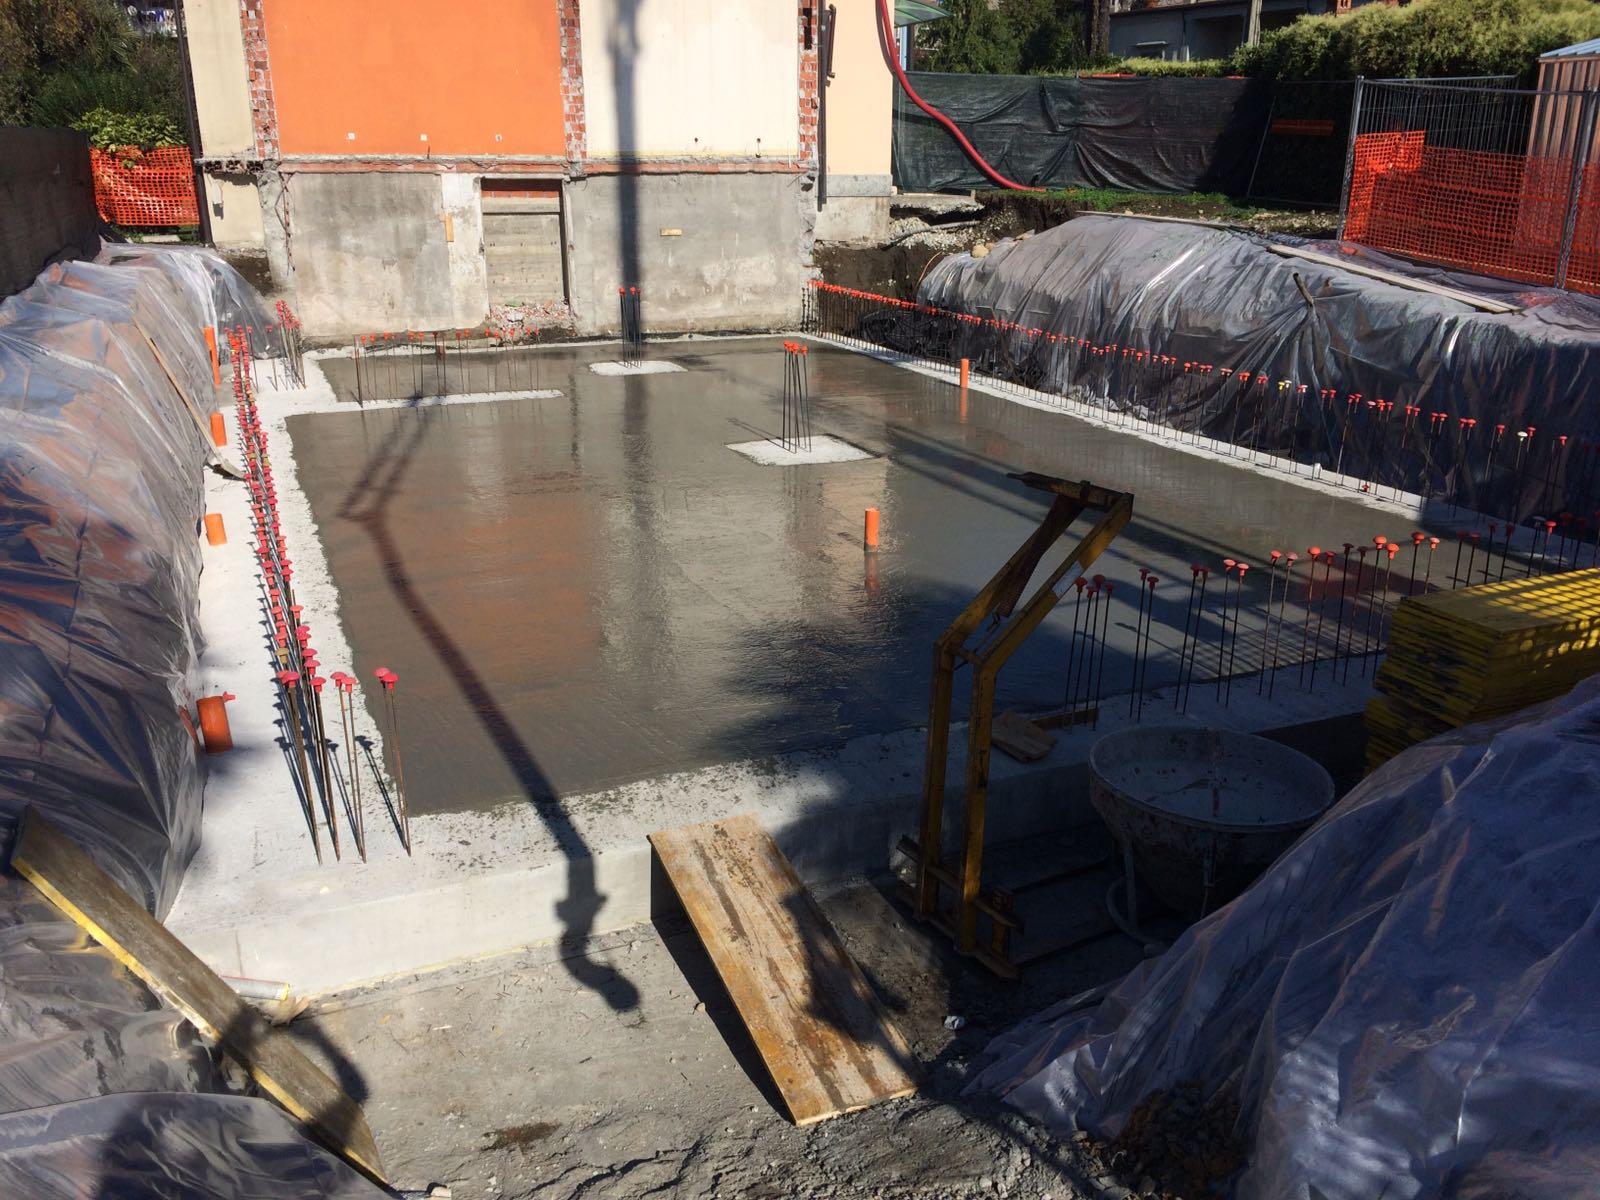 pavimento in cemento appena steso in un cantiere